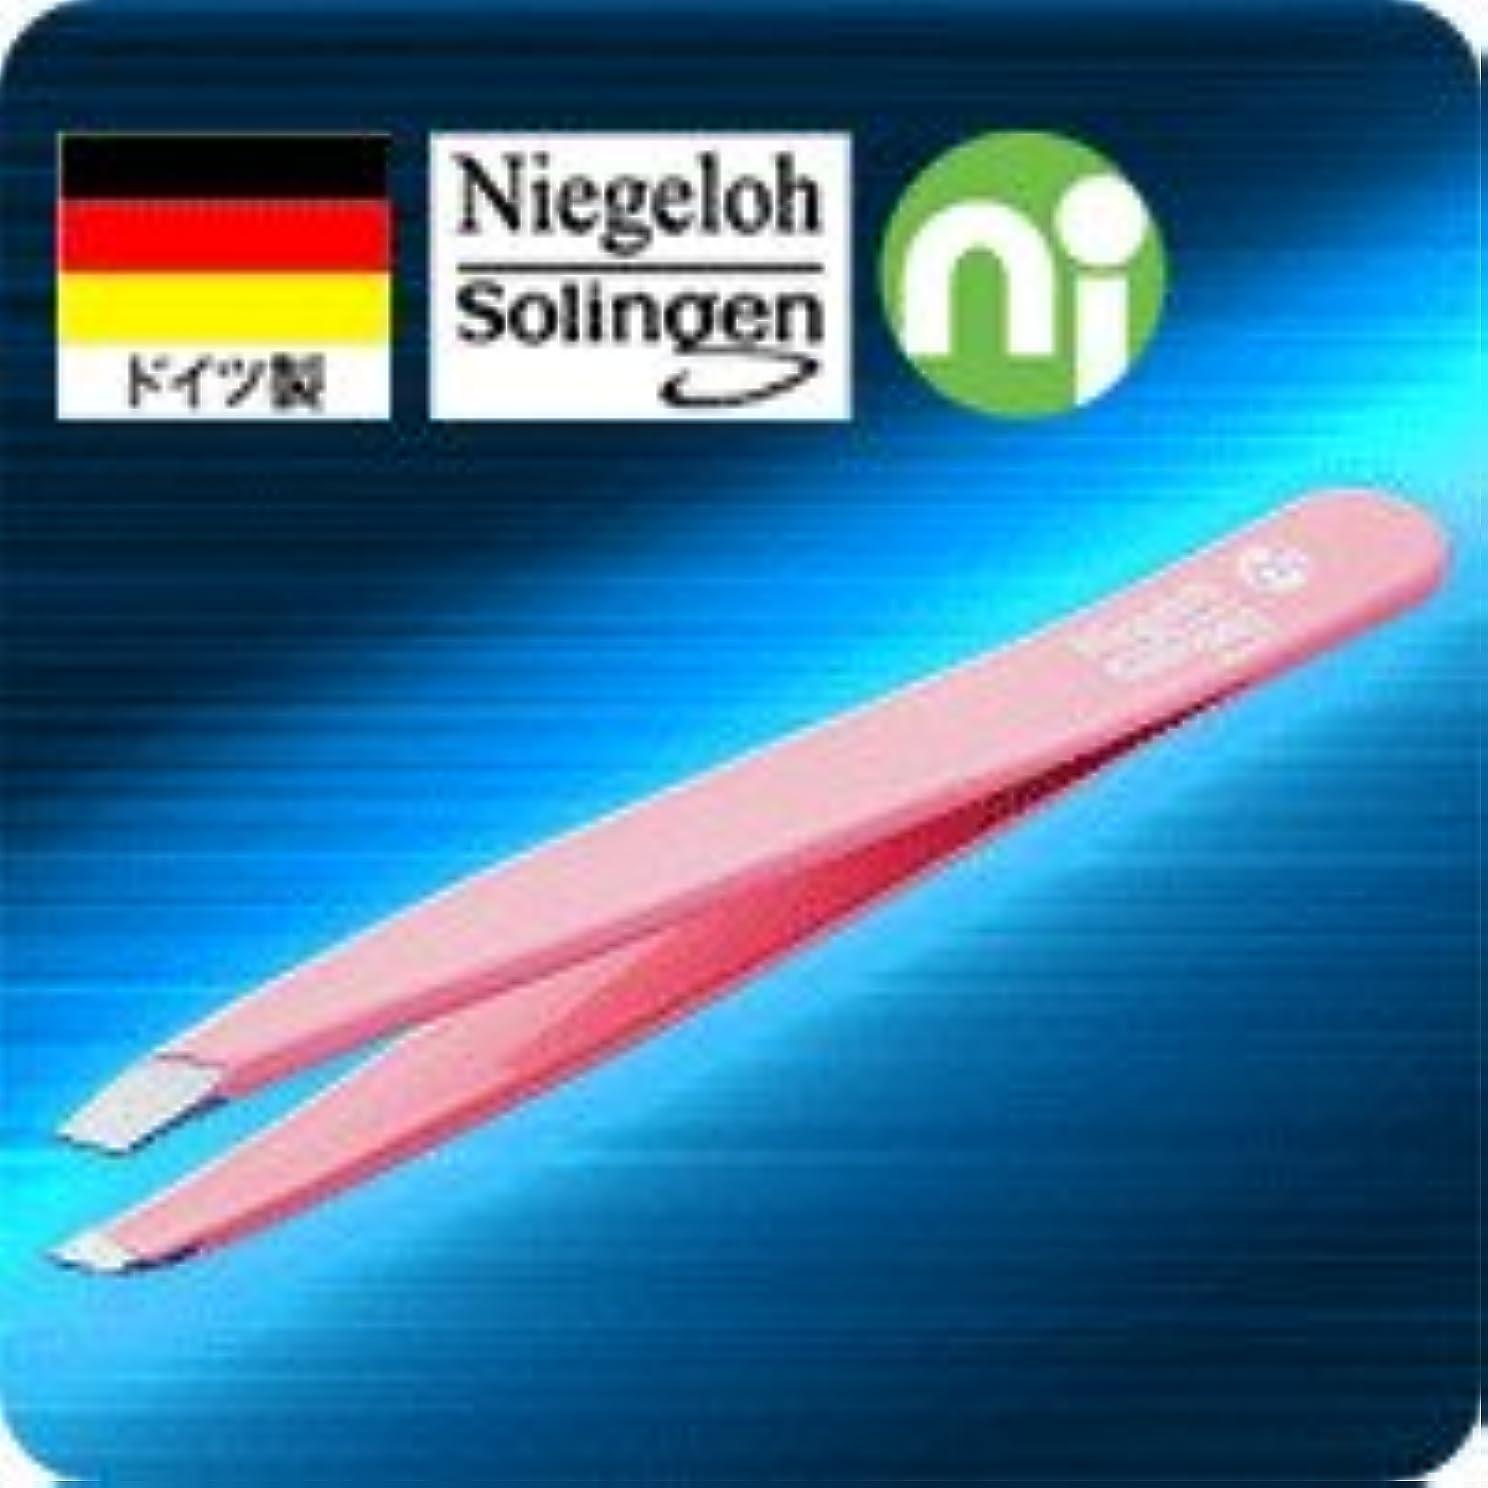 反射長々と磁器名剣の産地として誉れ高いドイツゾーリンゲン発のツィザー毛抜き『ドイツ ゾーリンゲン ニゲロ社のツイザー(毛抜き)』